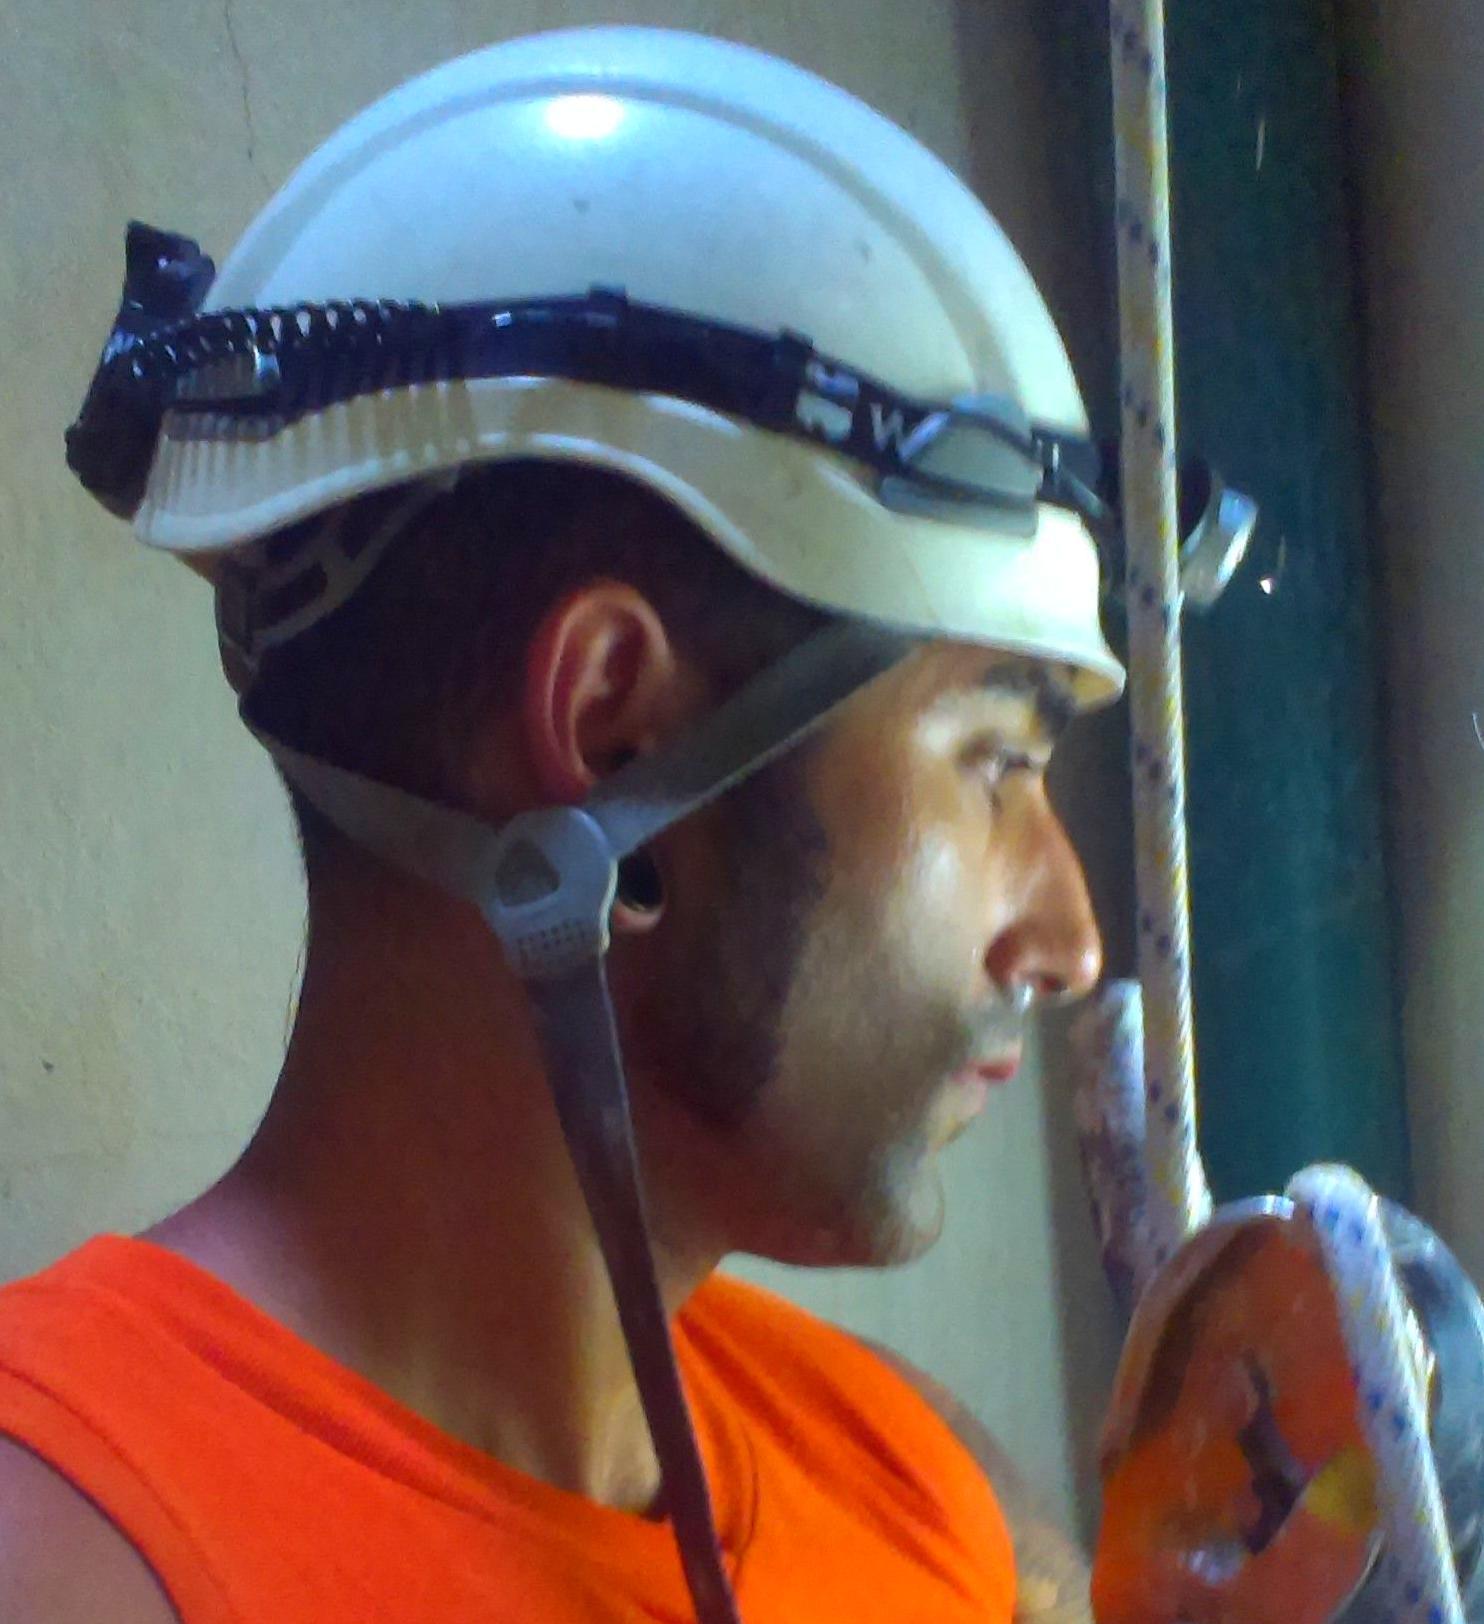 Trabajos en espacio confinado